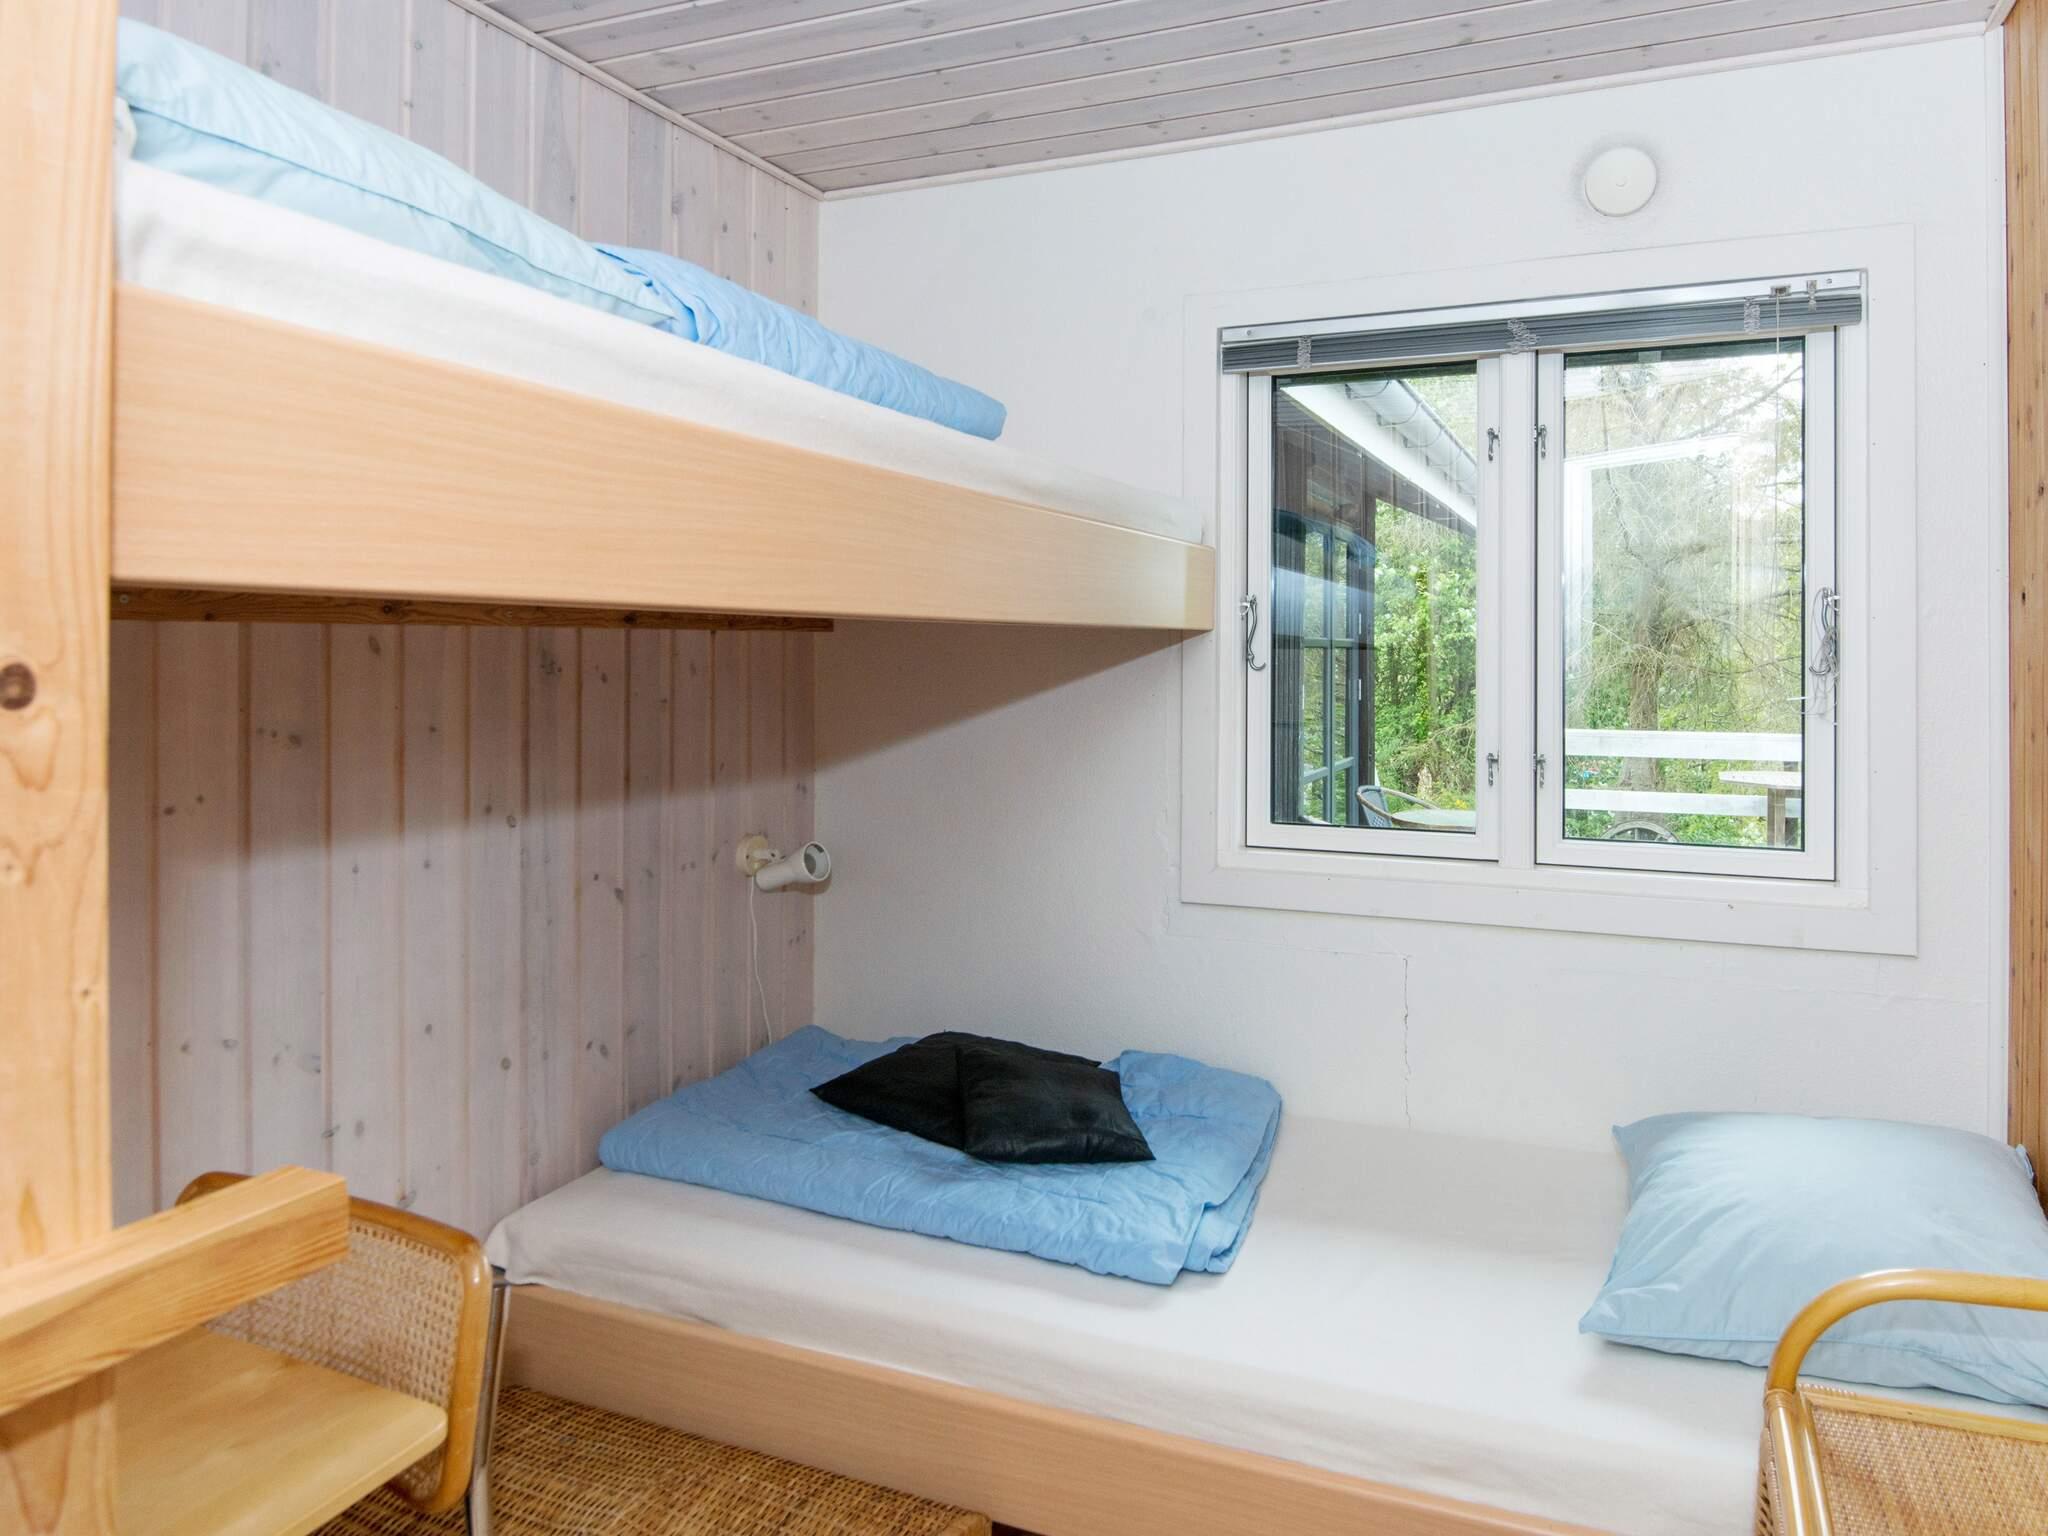 Ferienhaus Helgenæs (2537626), Knebel, , Dänische Ostsee, Dänemark, Bild 13